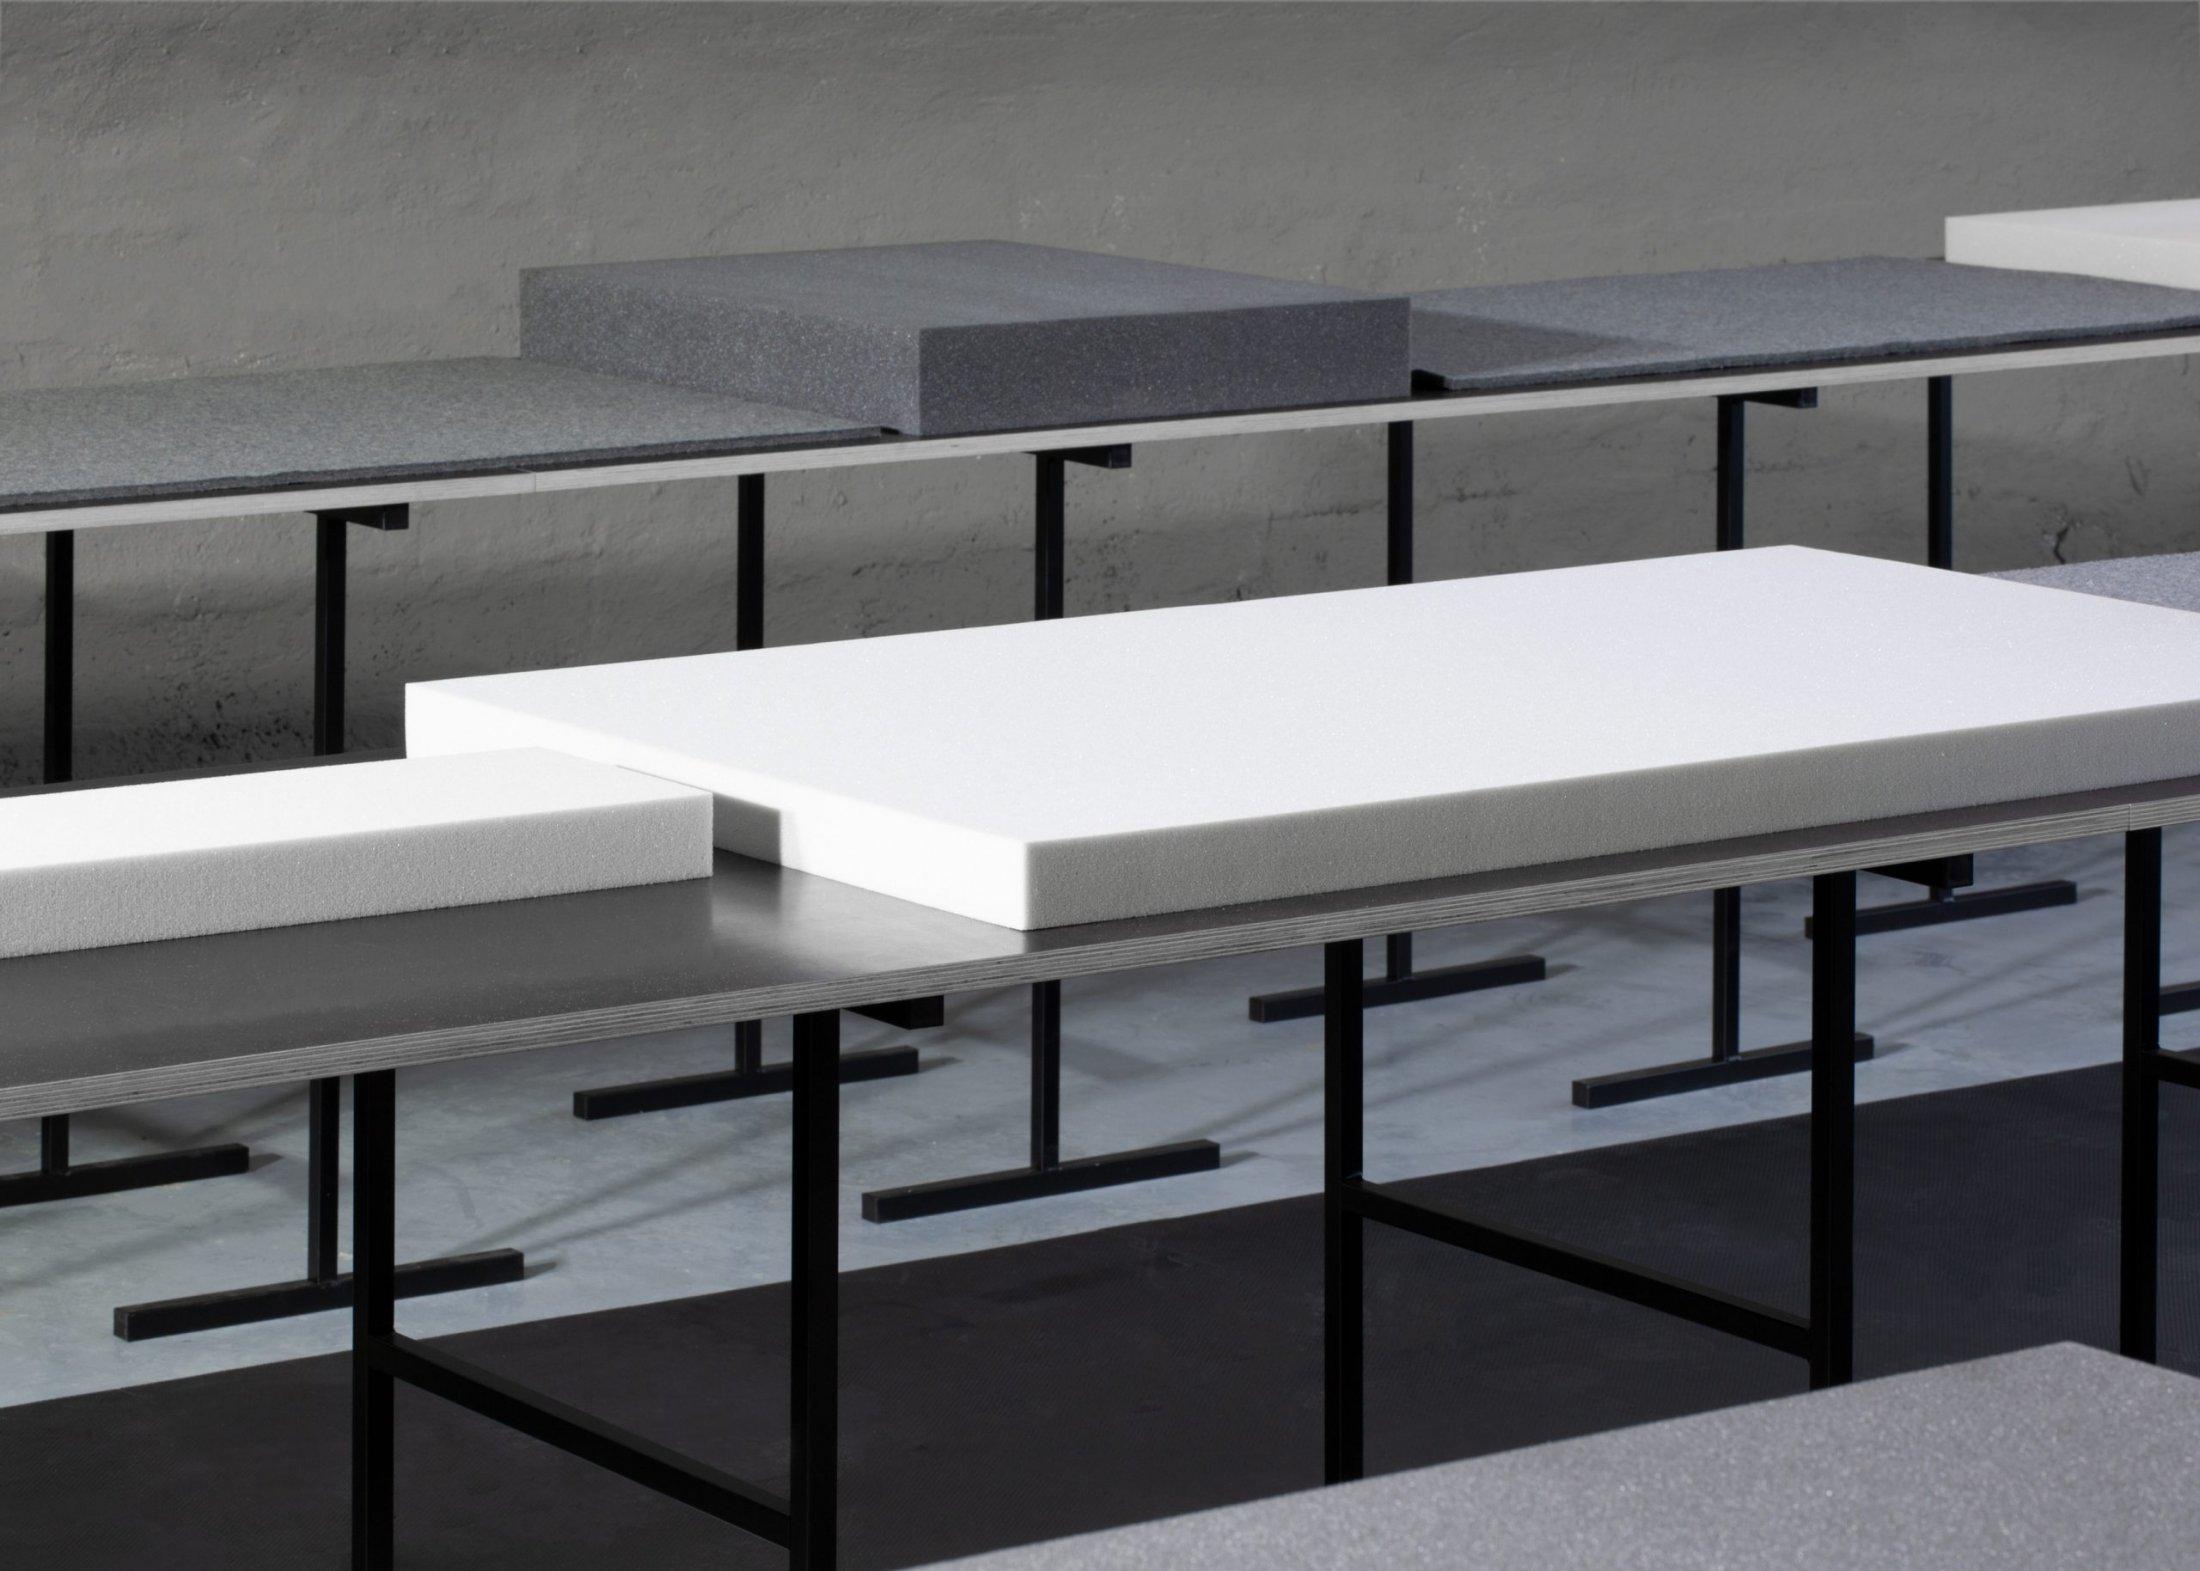 1017-ALYX-9SM -  Spatial Prototypes